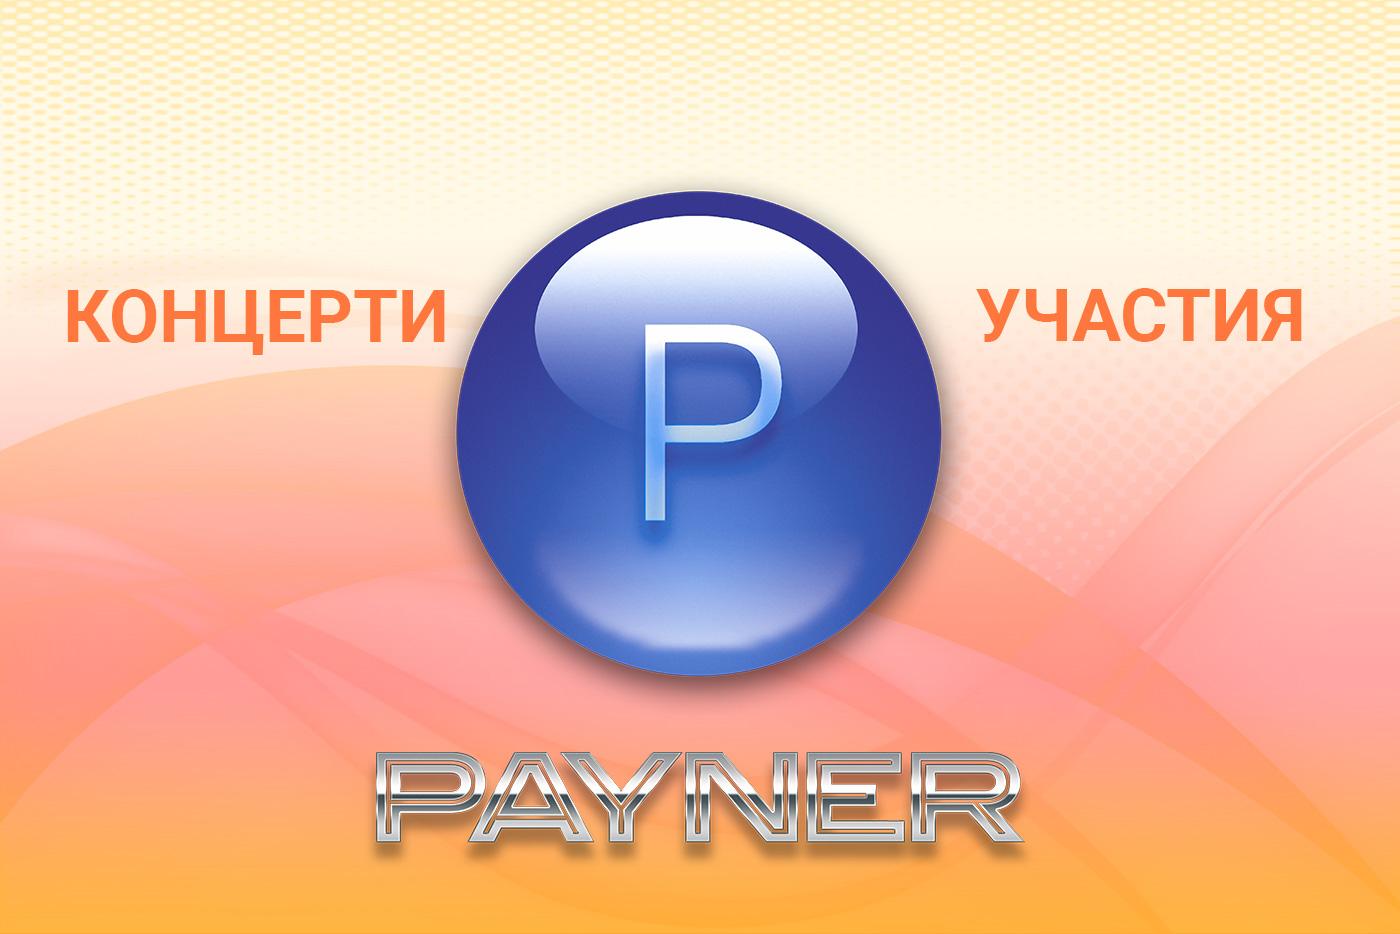 """Участия на звездите на """"Пайнер"""" на 16.08.2019"""